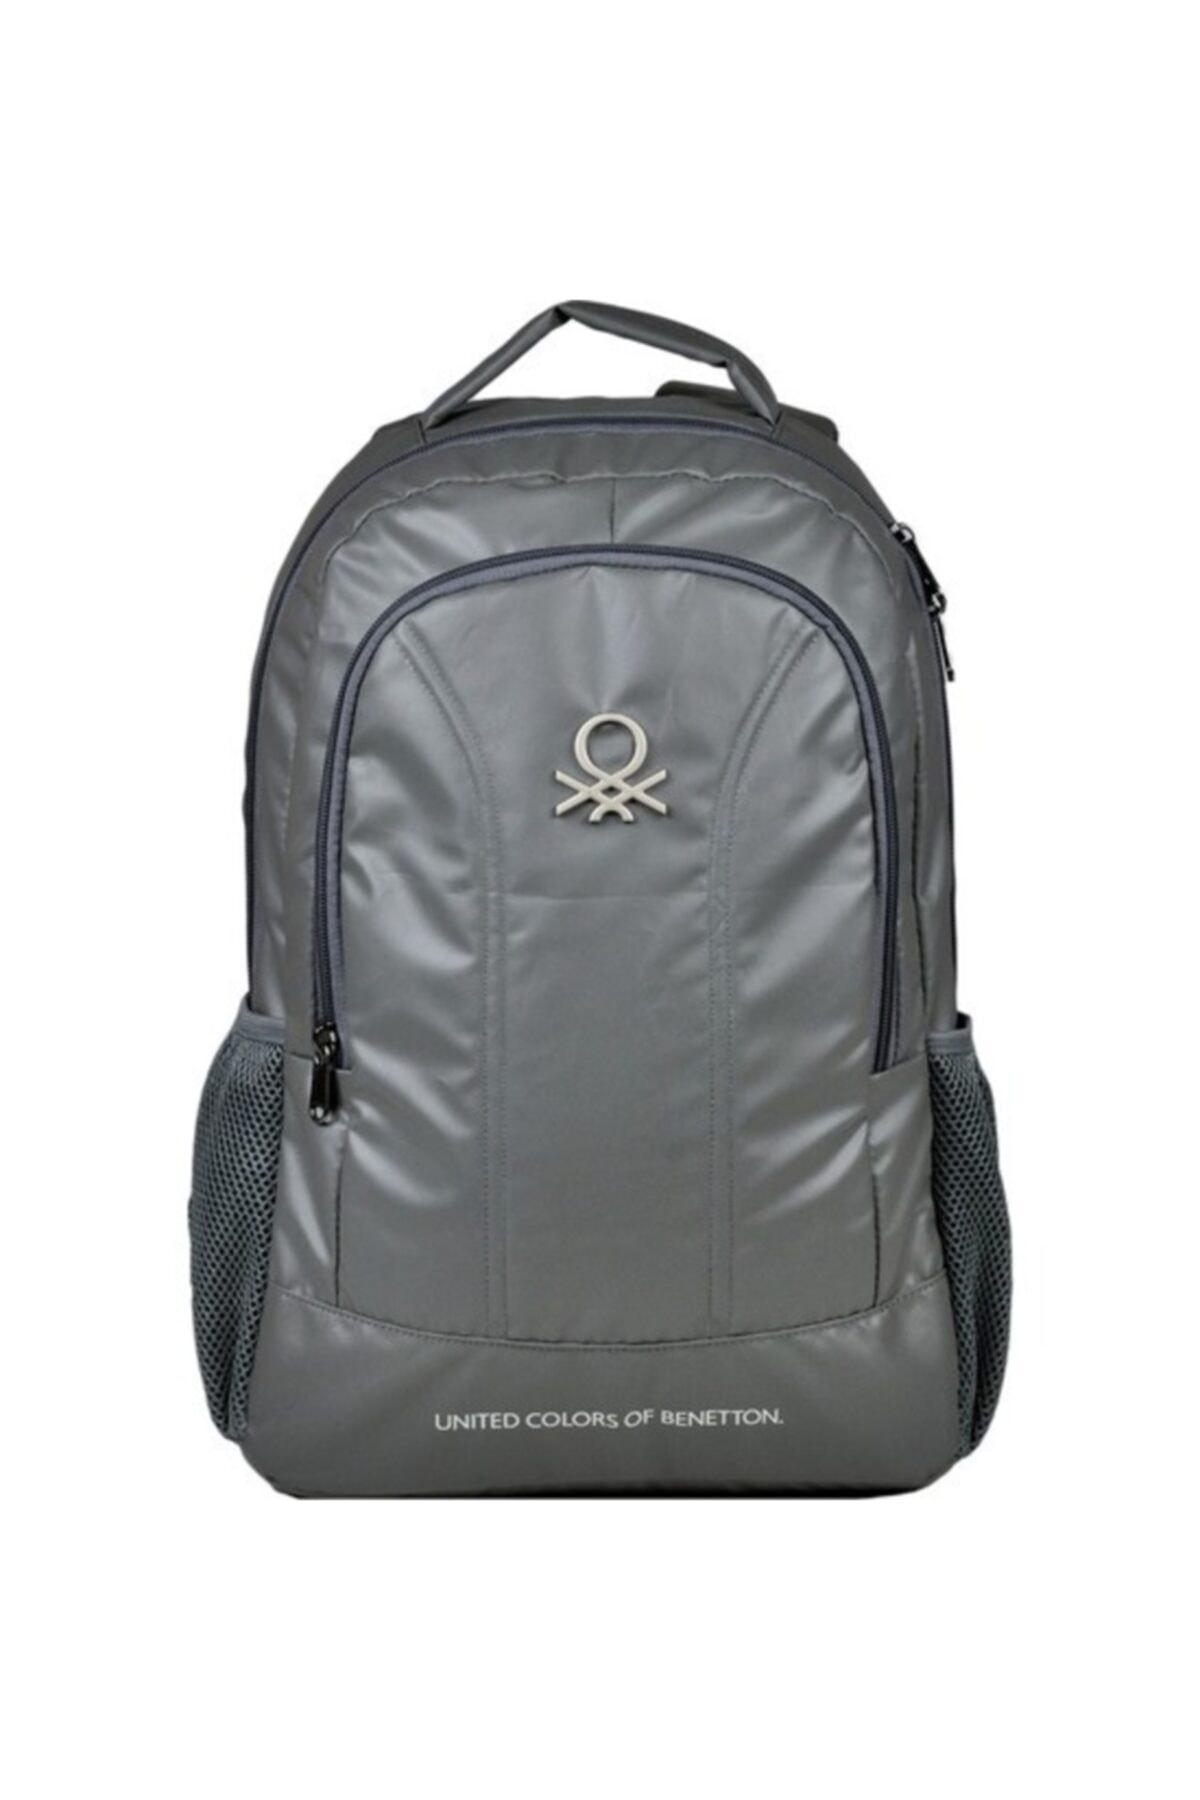 Benetton Okul Sırt Çantası Mor 1